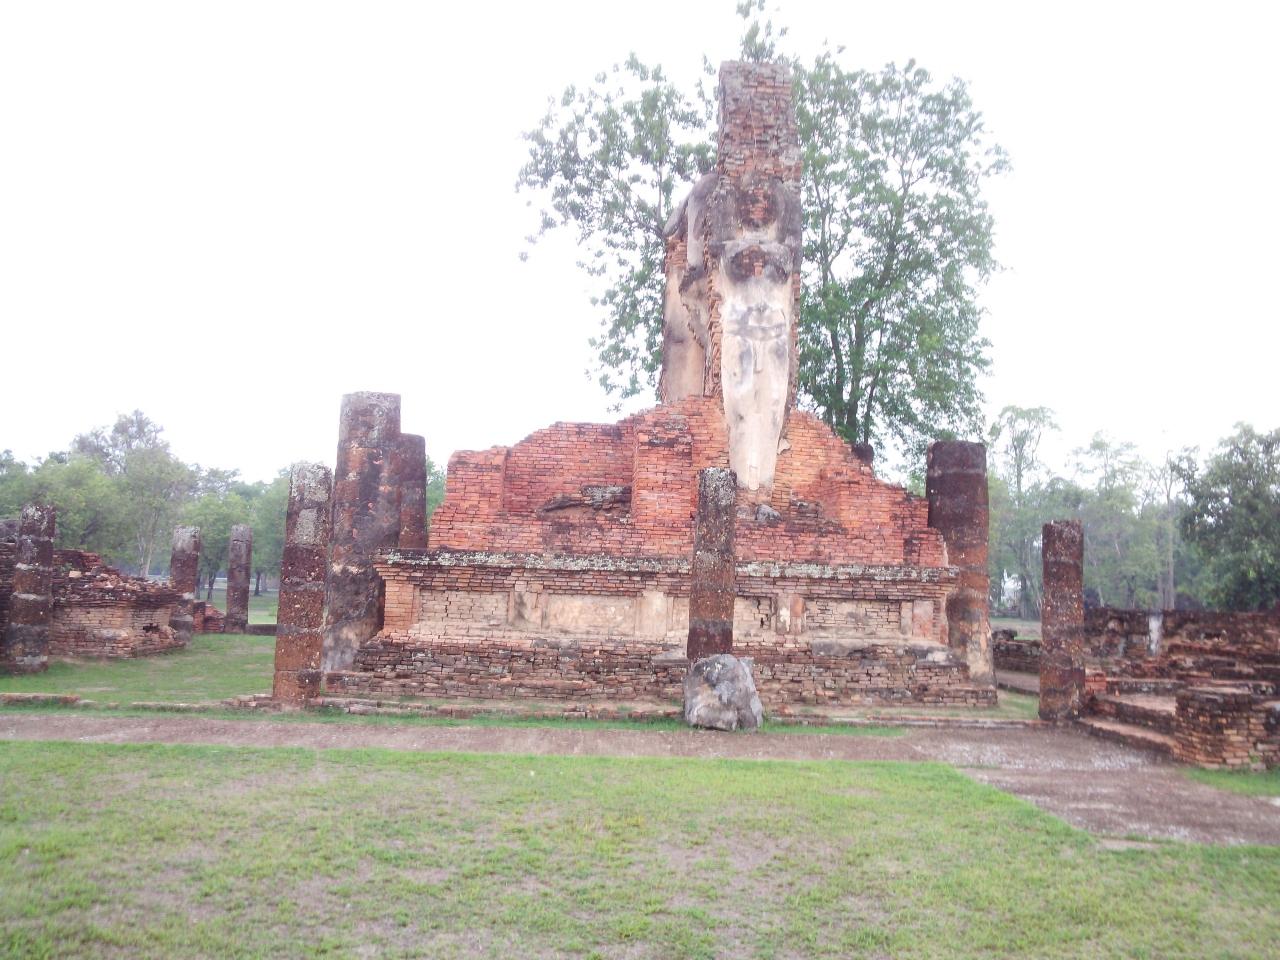 ワット プラ パーイ ルアン クチコミガイド【フォートラベル】Wat Phra Pai Luangスコータイ